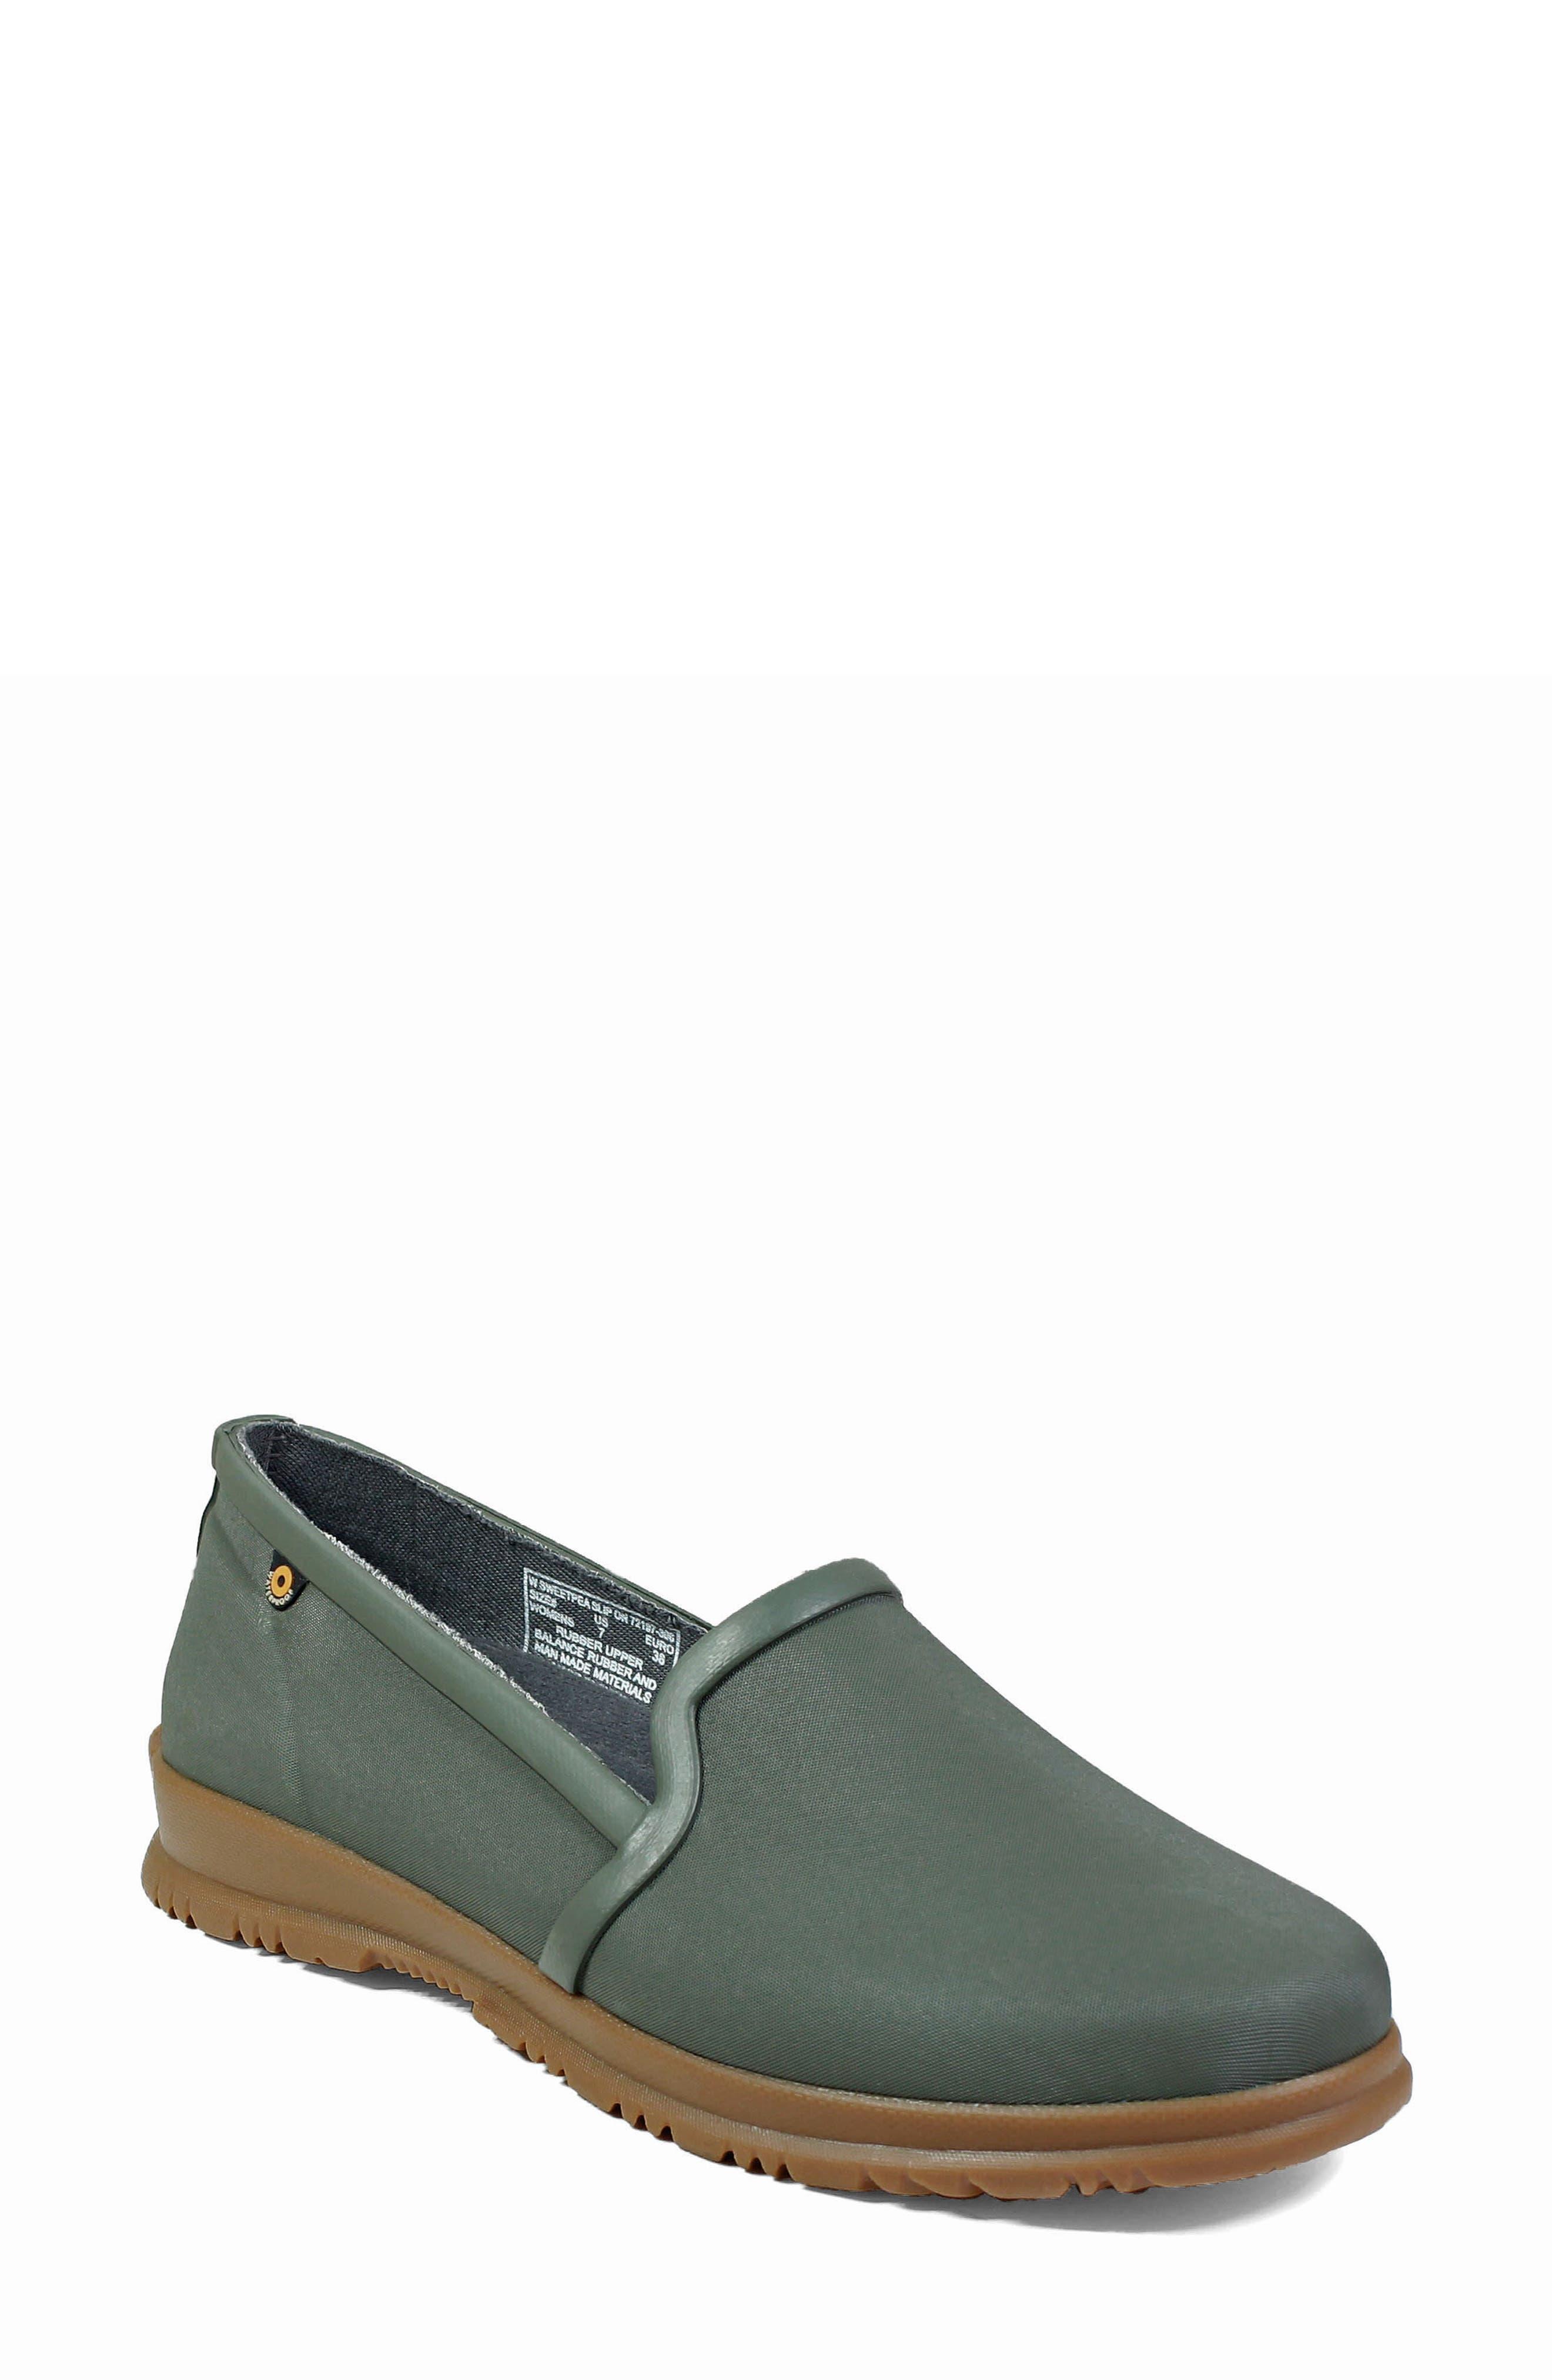 BOGS Sweetpea Waterproof Slip-On Sneaker, Main, color, SAGE